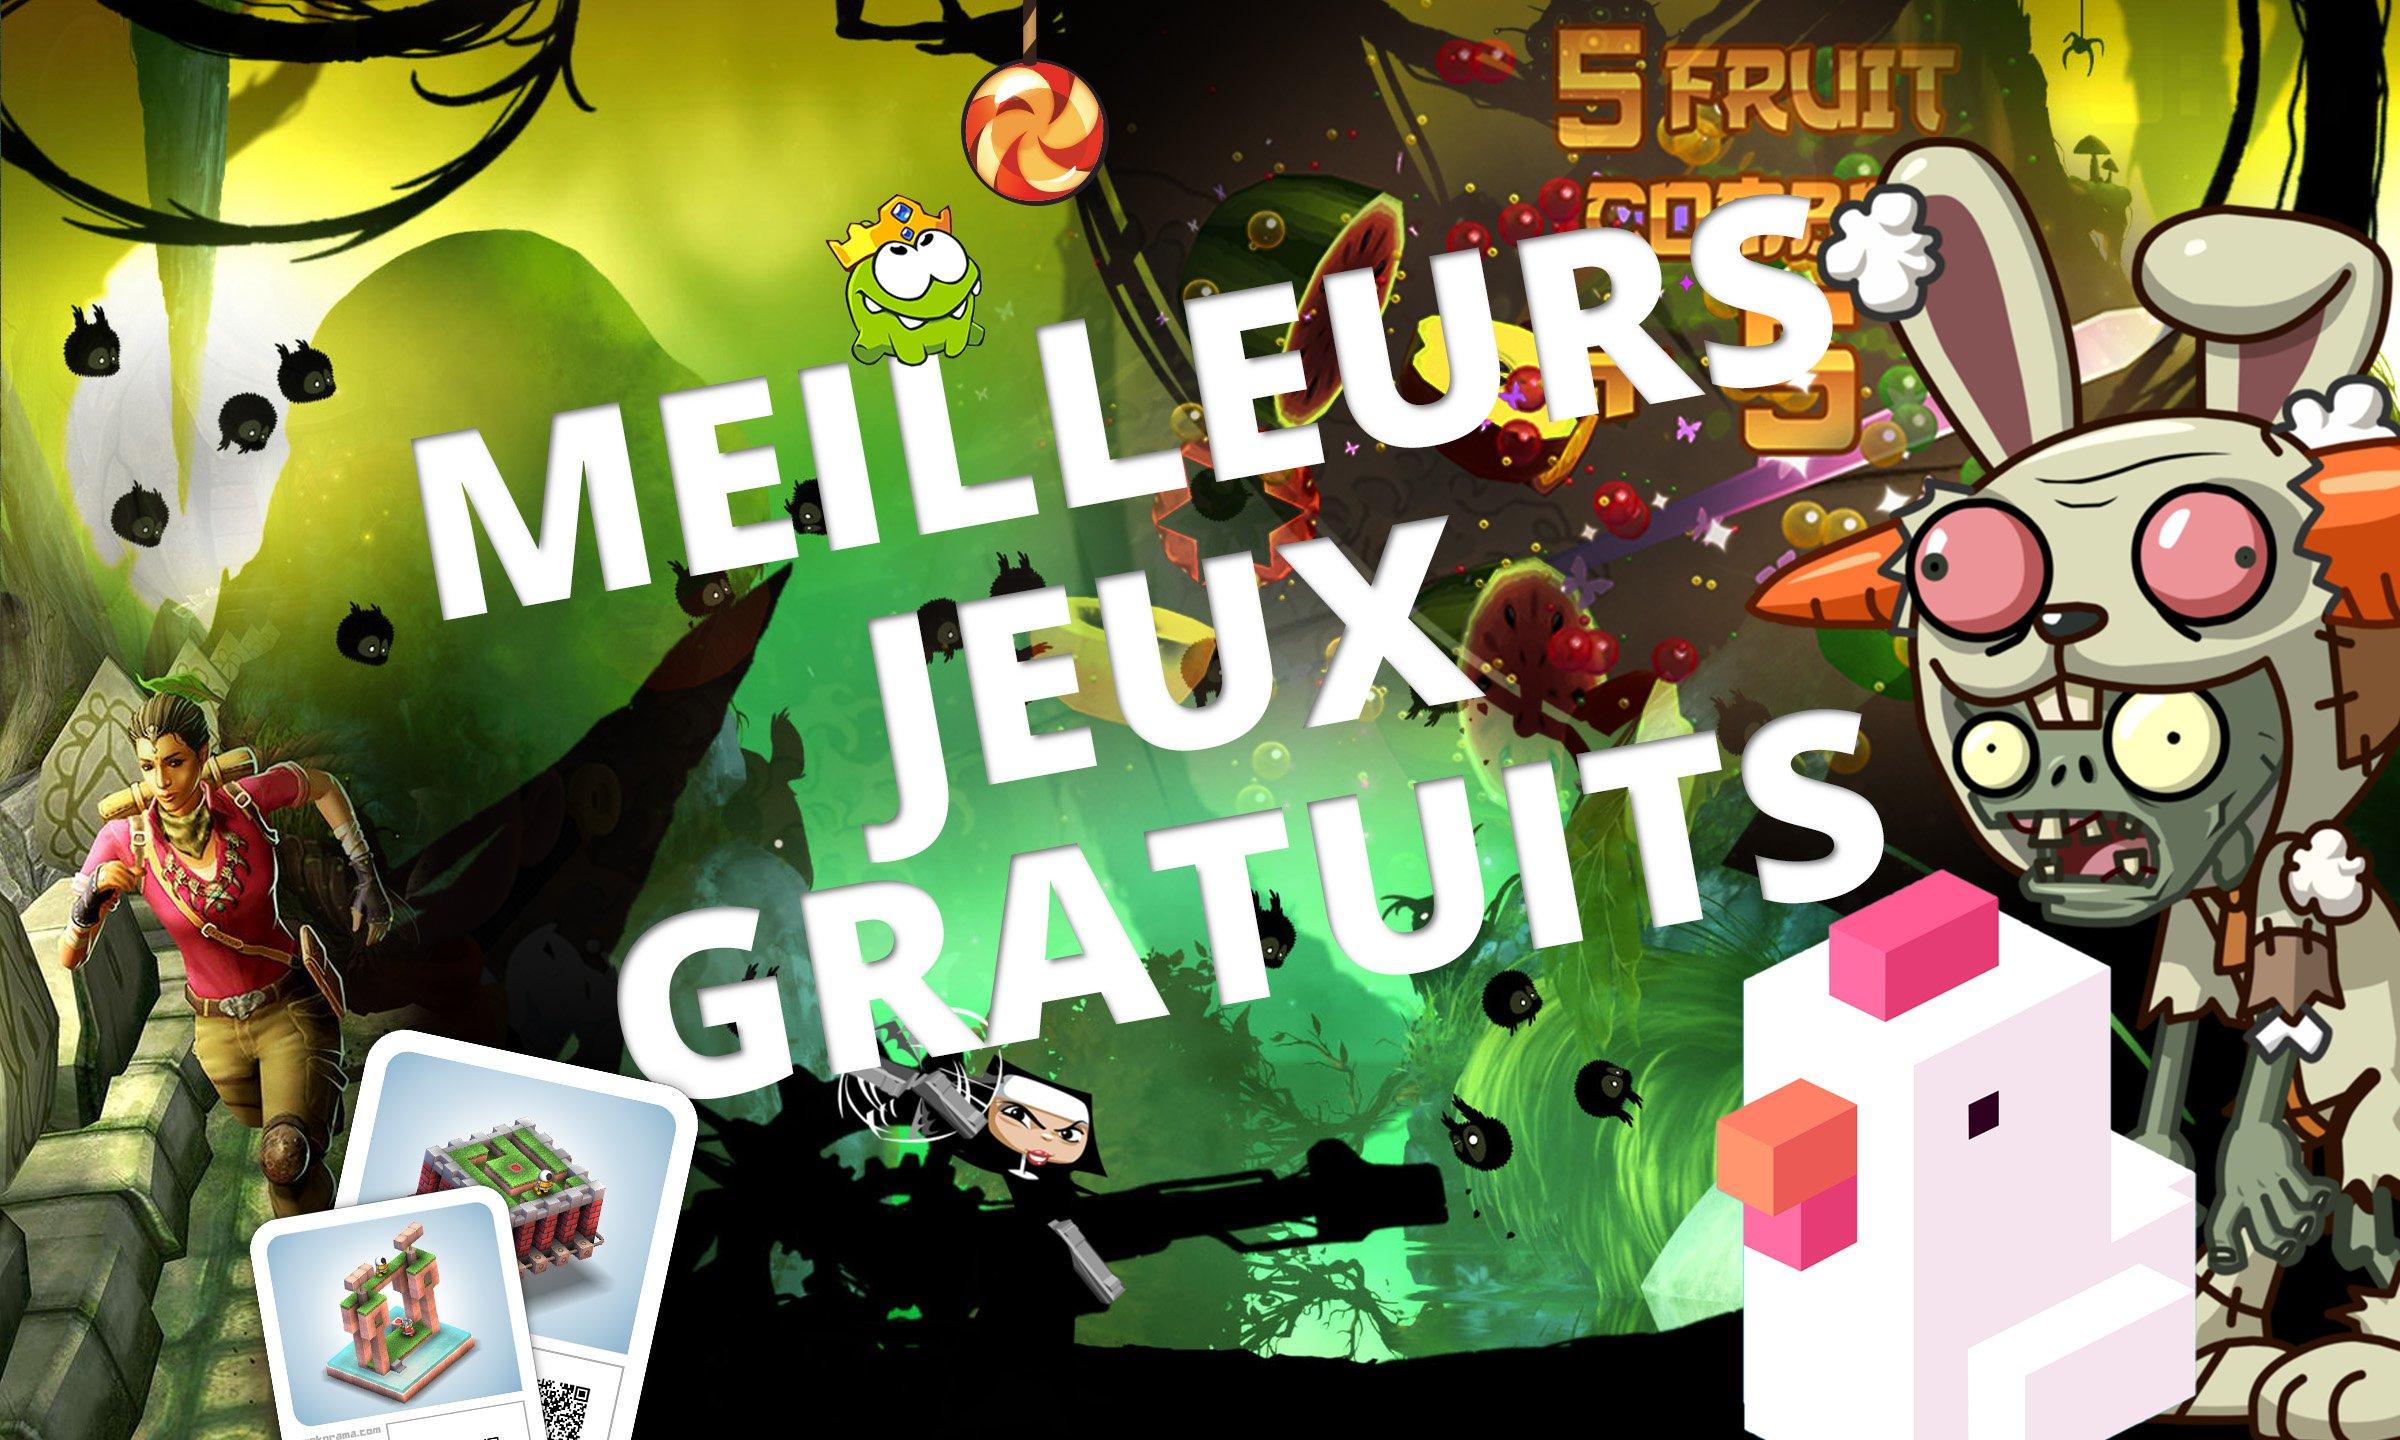 10 Jeux Android Gratuits Incontournables En 2019 | Androidpit tout Jeux Pour Jouer Gratuitement